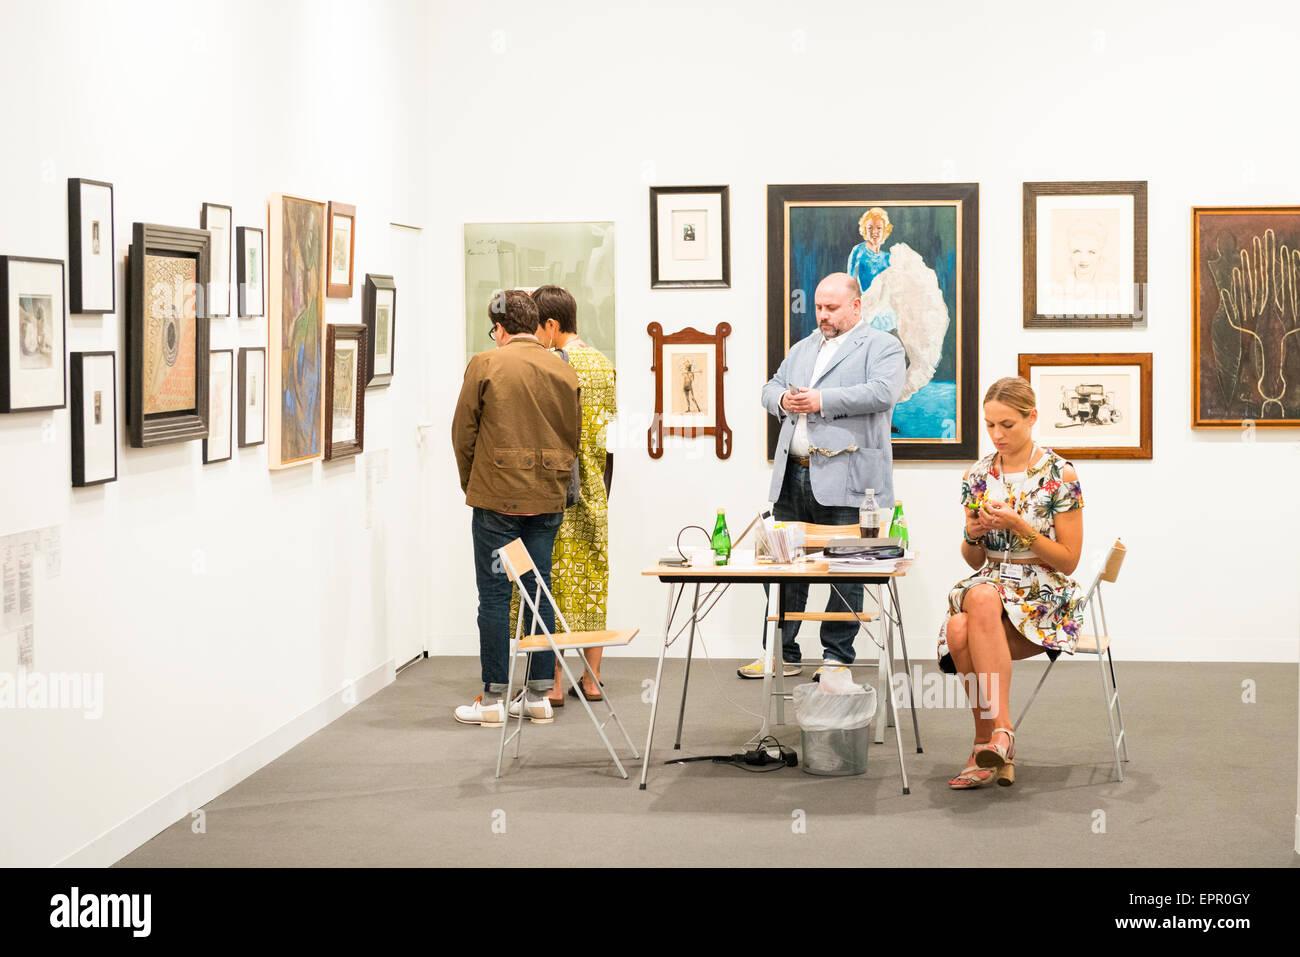 Art Basel Miami Florida feria internacional de exposiciones pinturas esculturas modernas imágenes stand visitantes invitados Foto de stock